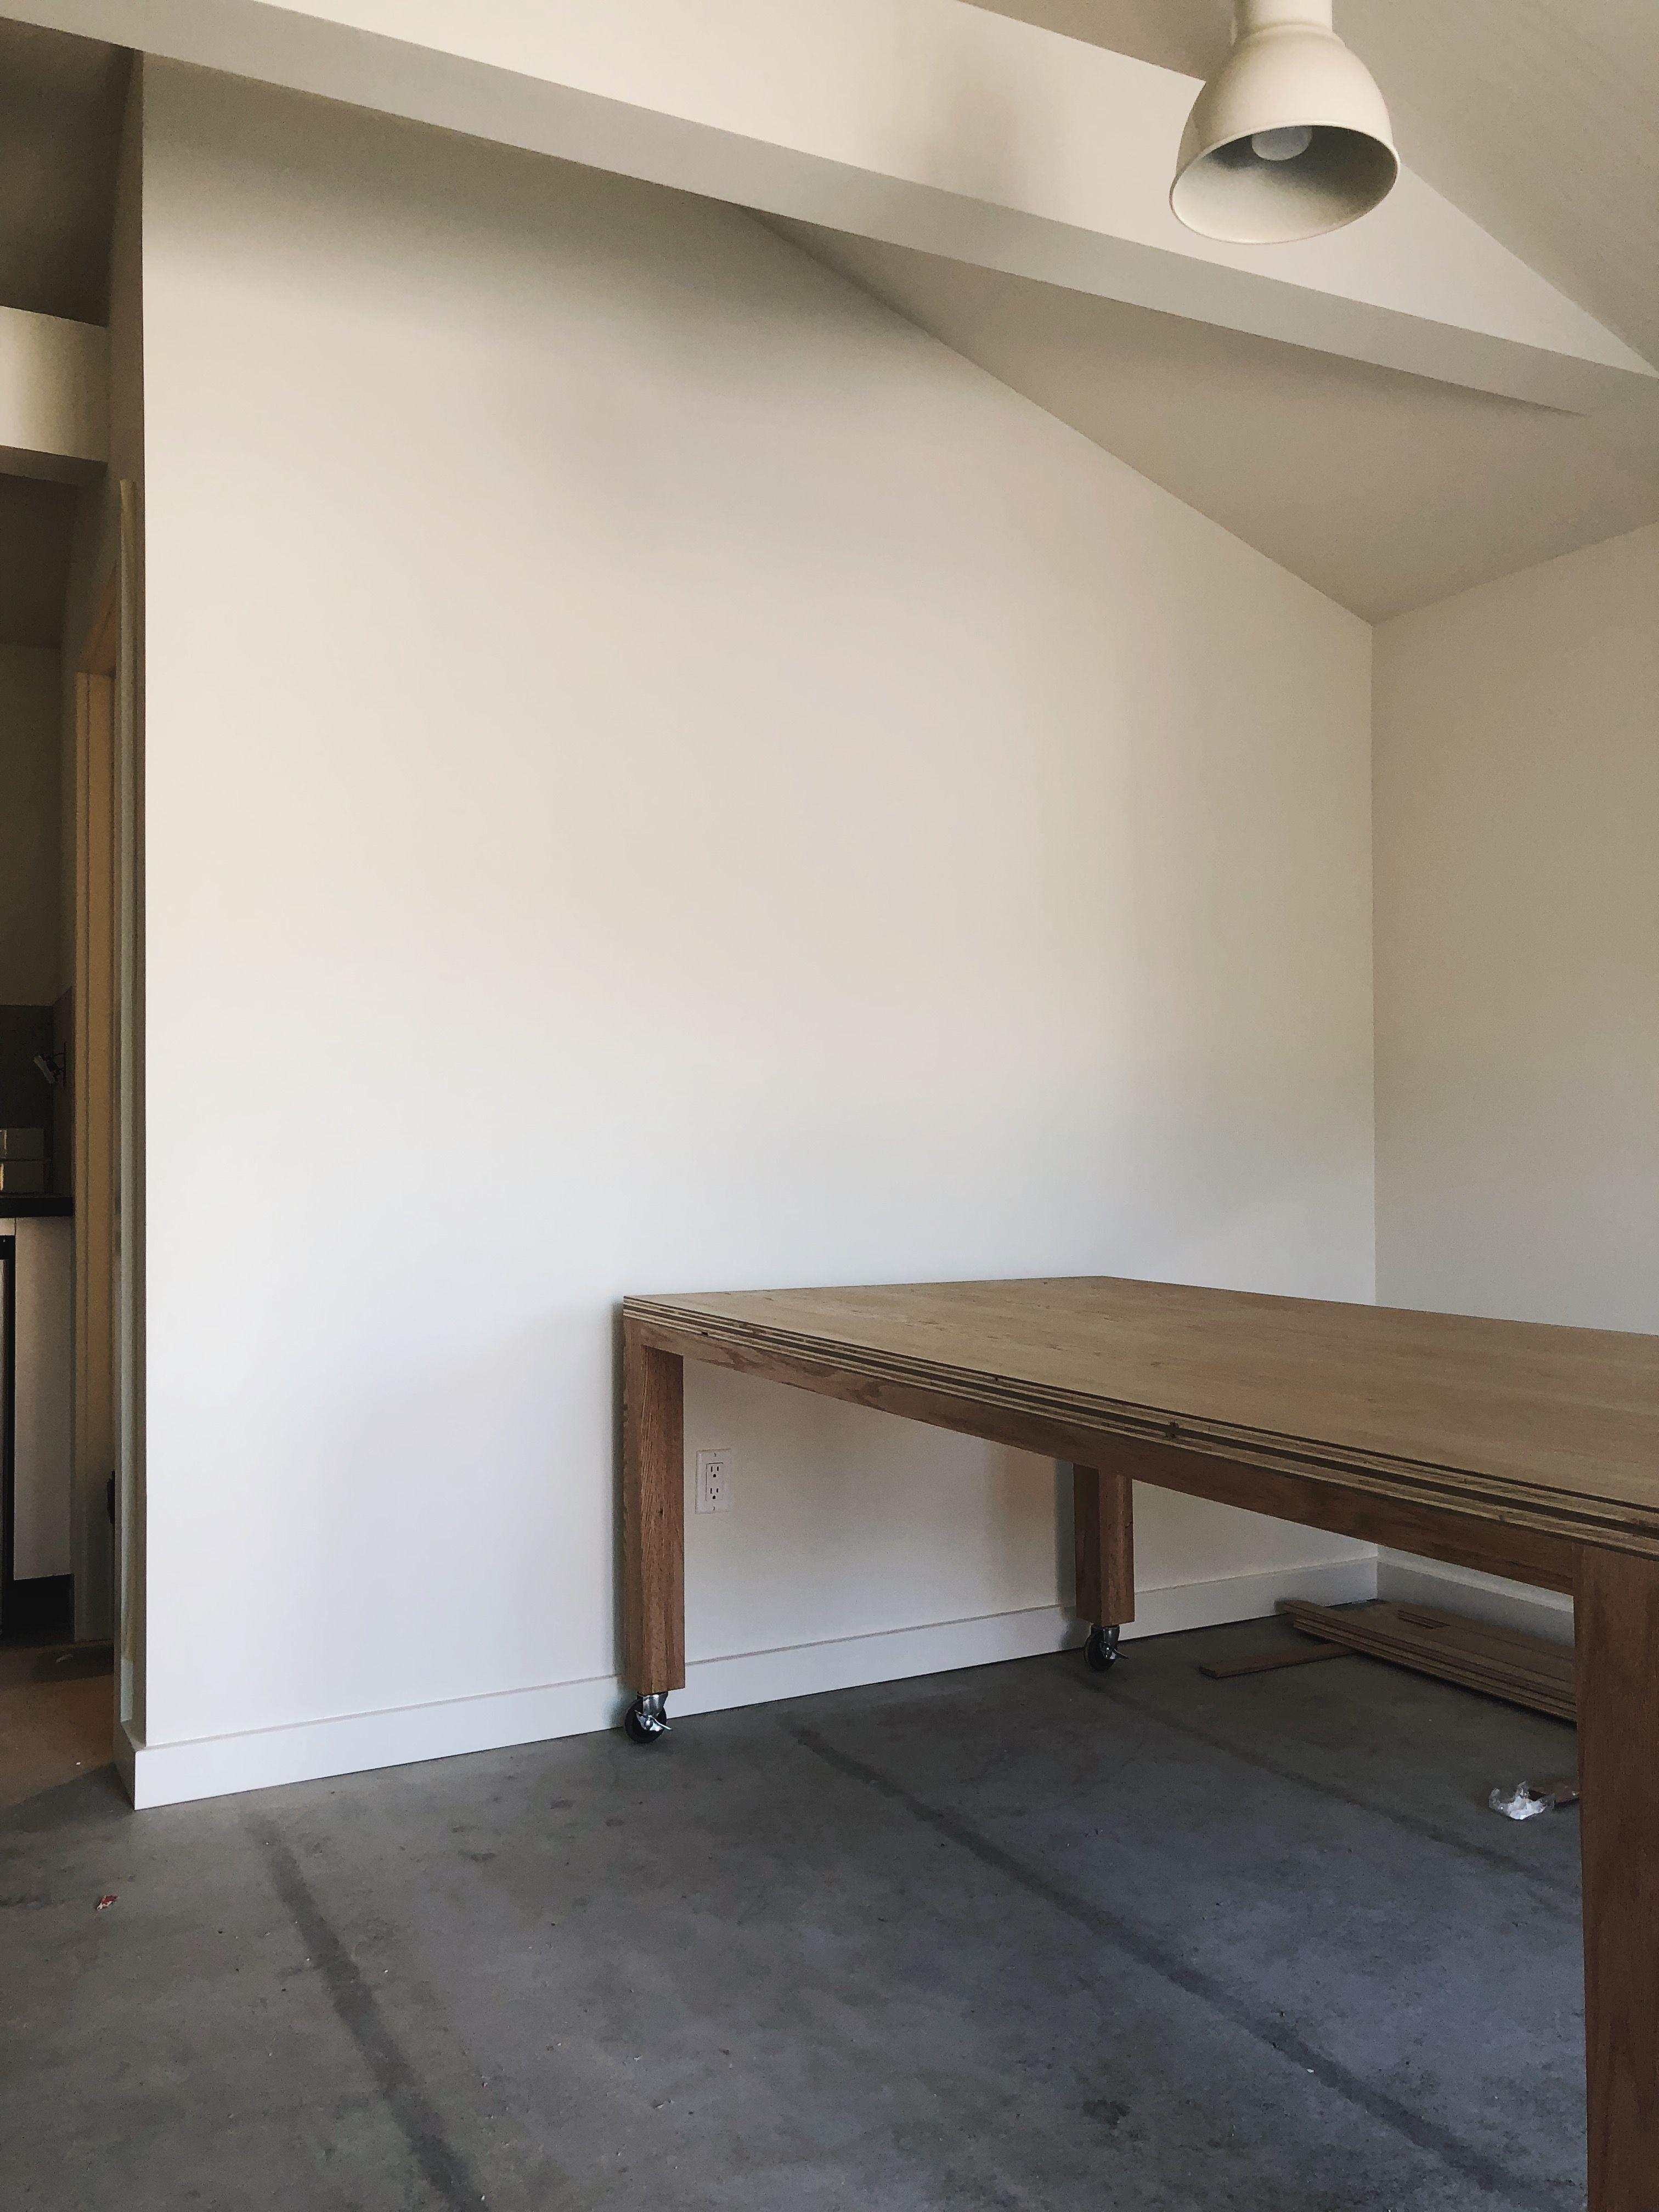 lex lee interior design in los angeles california design casual rh pinterest com